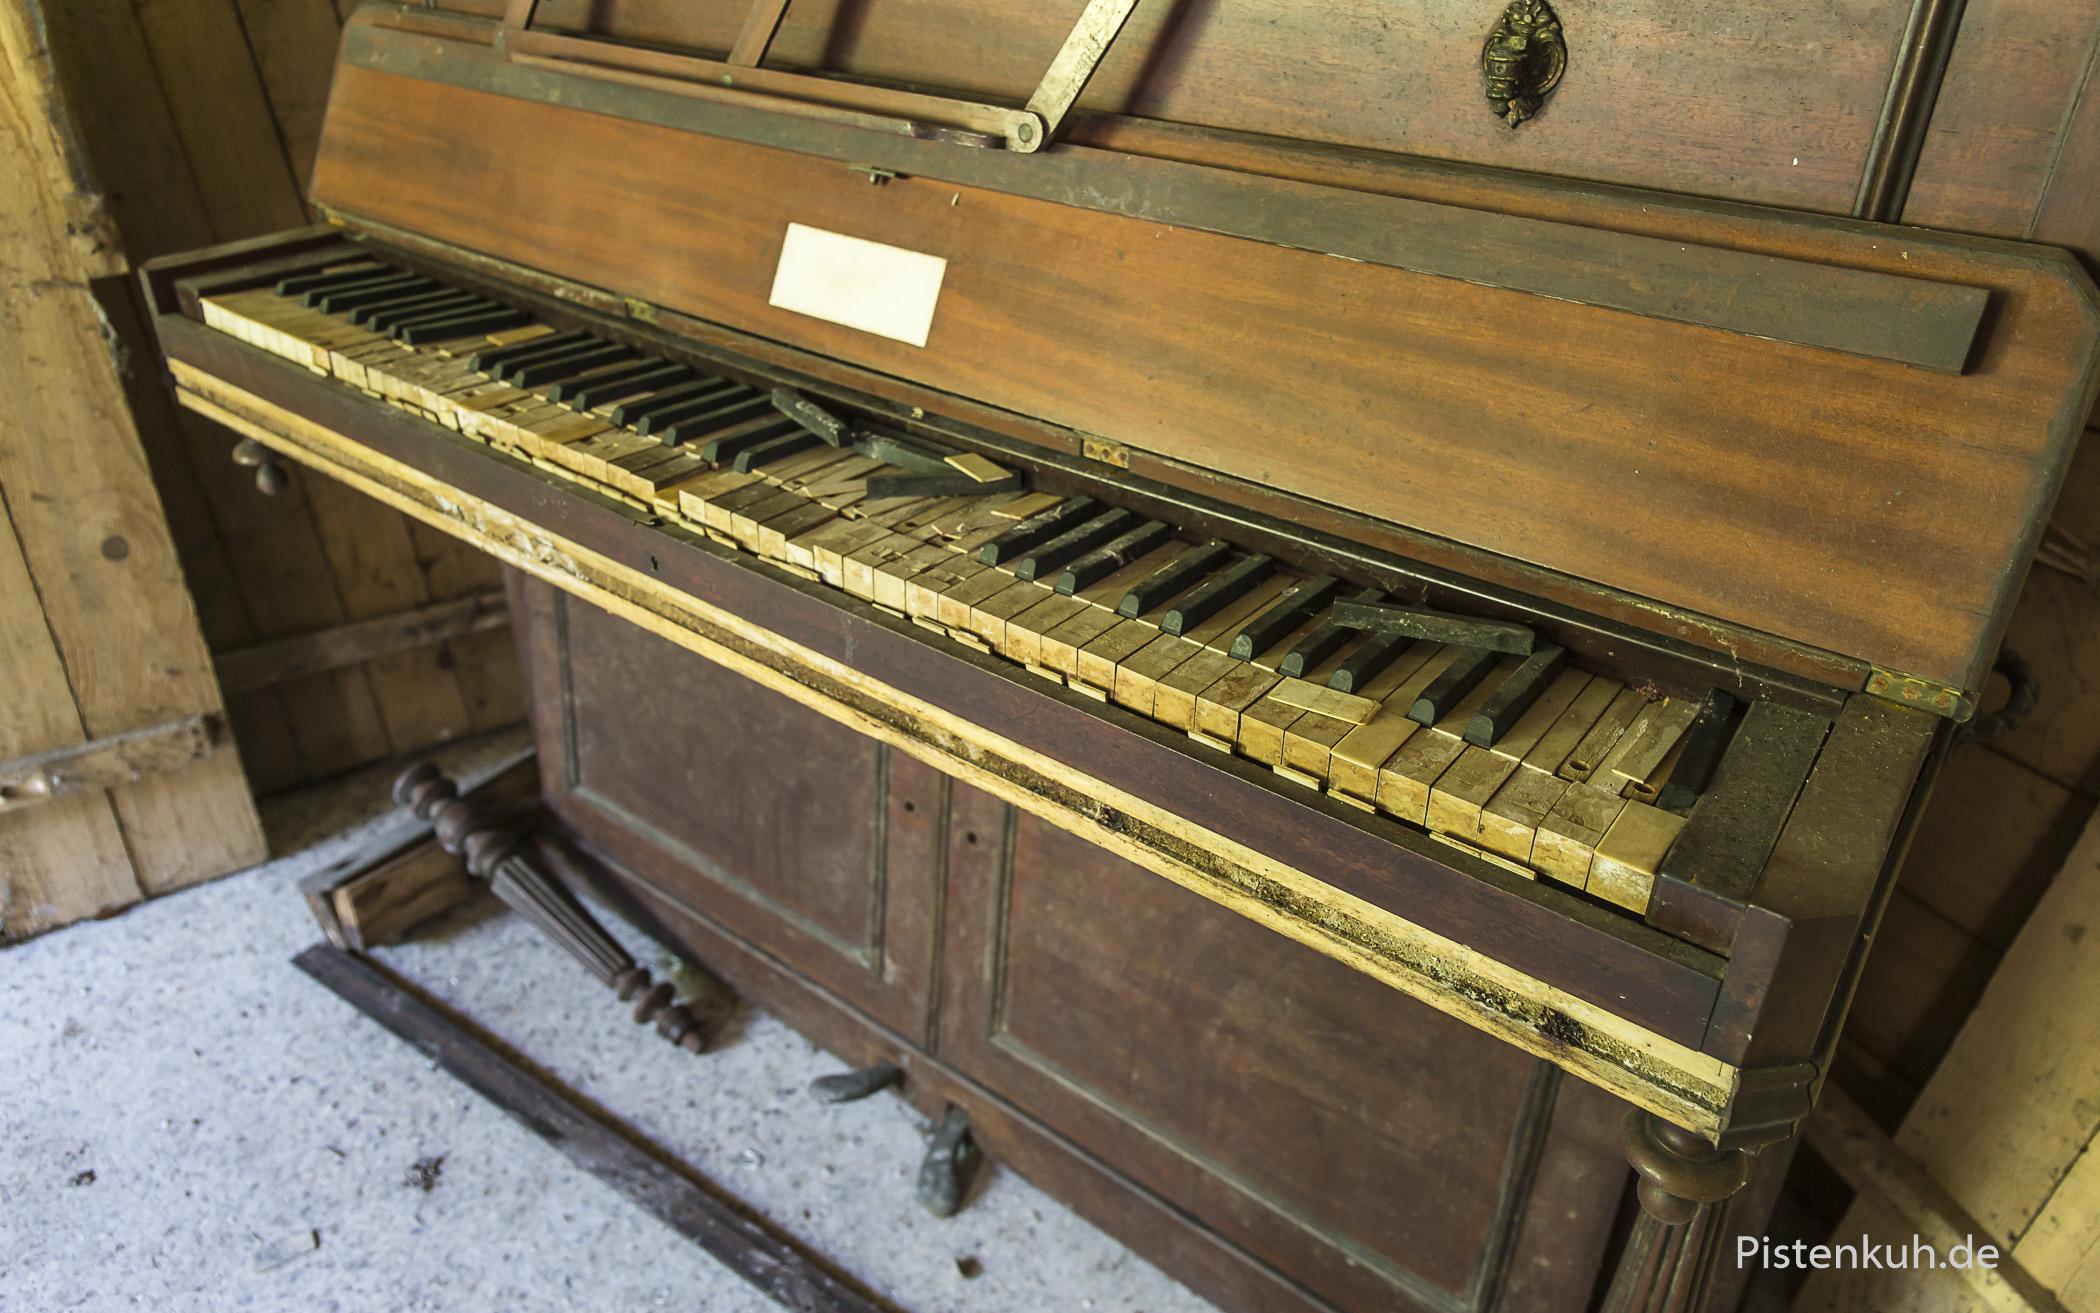 Das alte Klavier in der Ecke